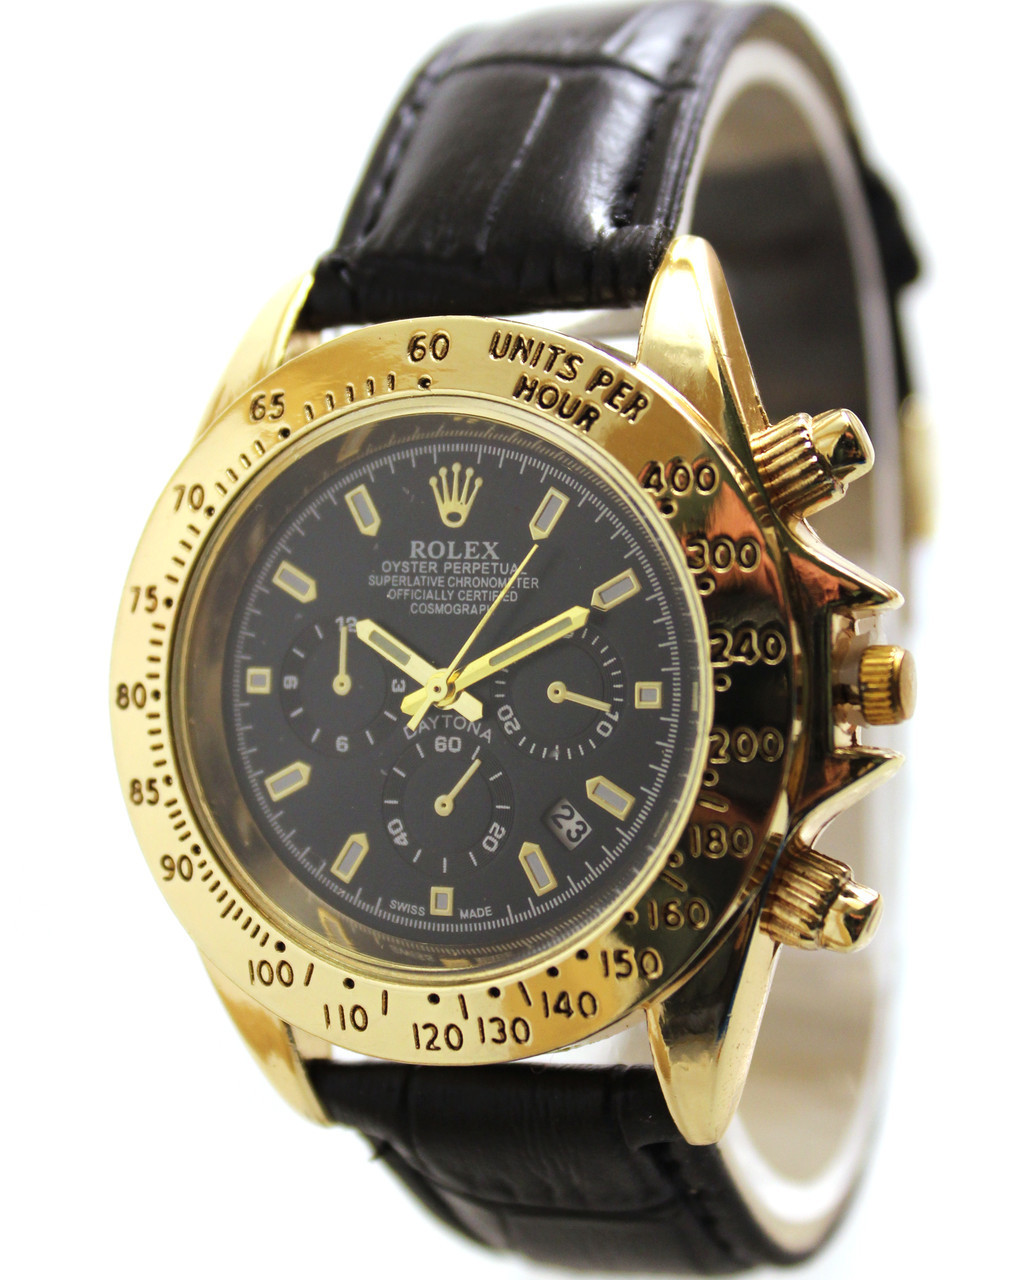 209d295a7e2a Качественные мужские часы Rolex - OptMan - самые низкие цены в Украине в  Харькове